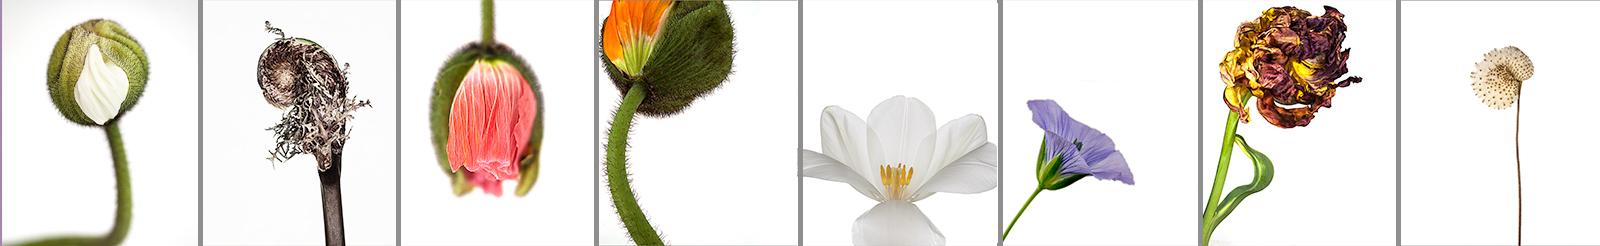 Blog.banner.Portrait.jpg